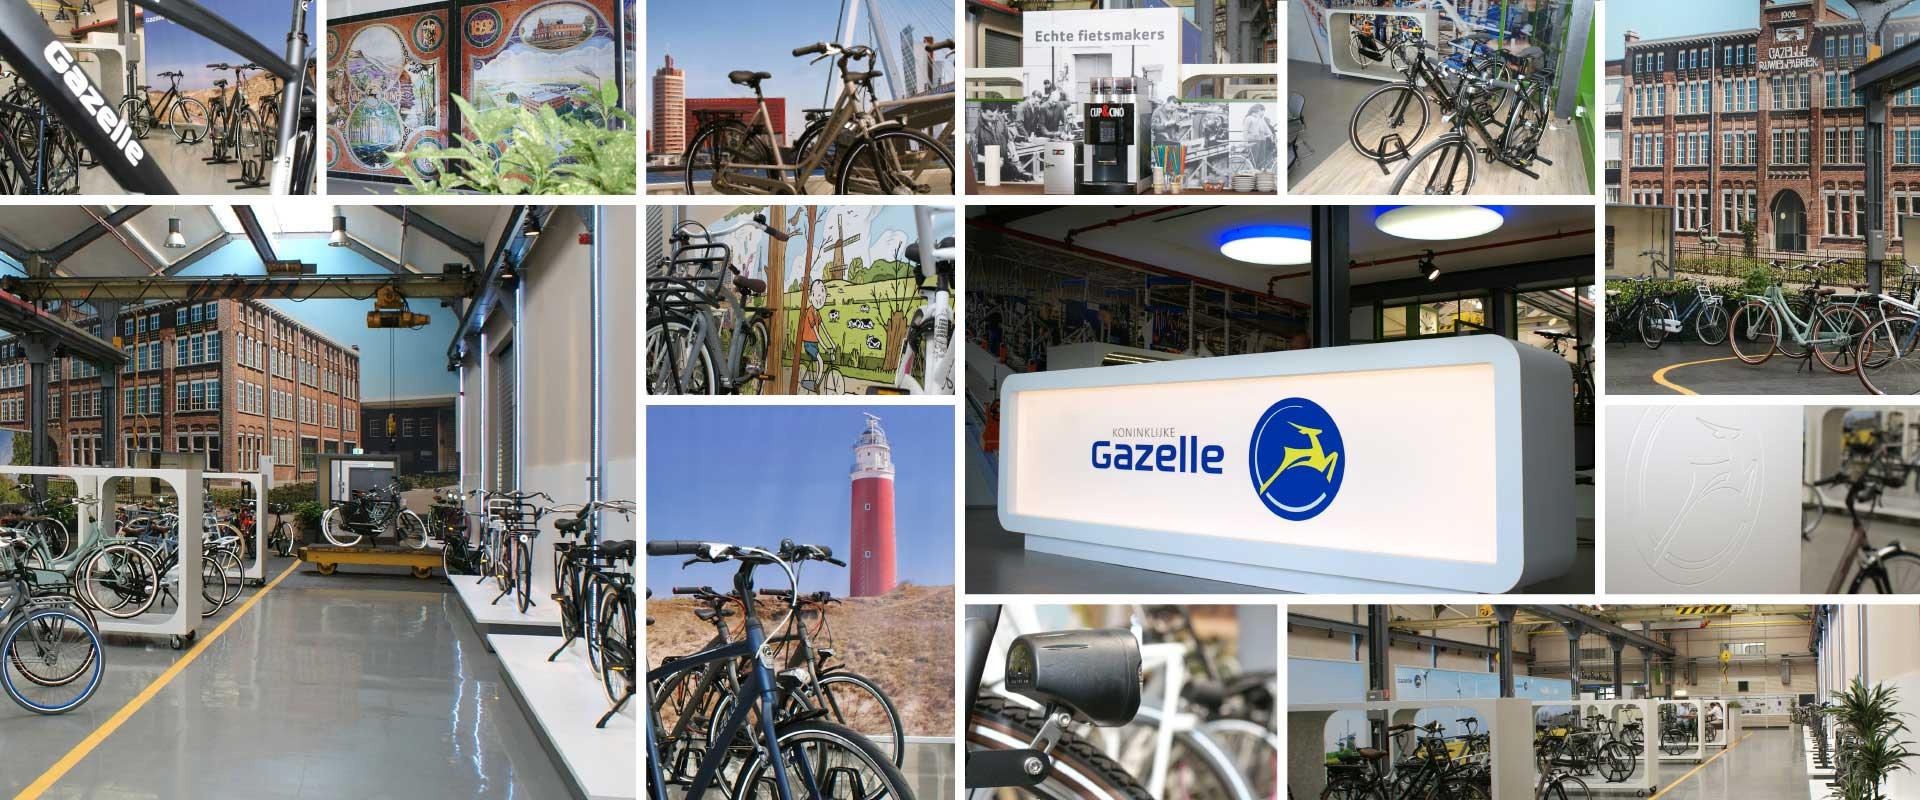 Gazelle Business- und Trainingscenter